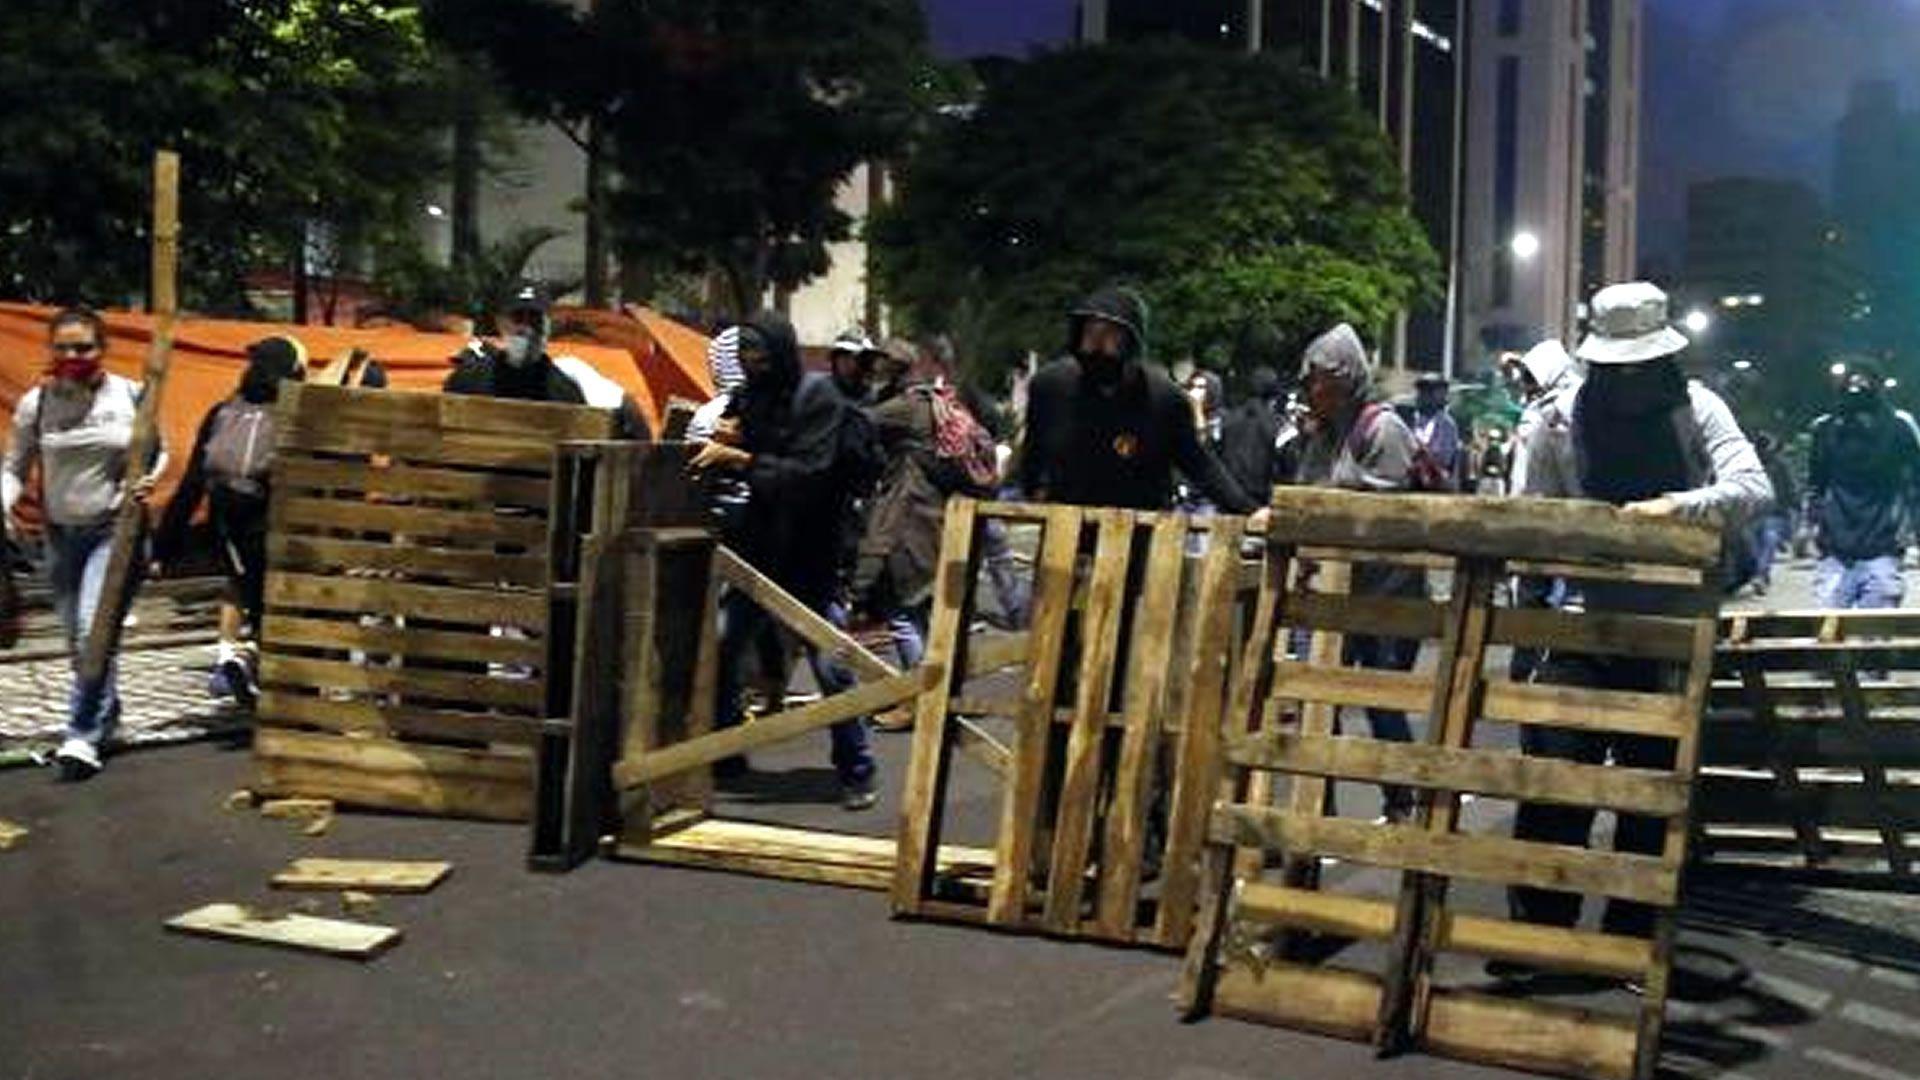 Intercambio de bombas lacrimógenas y piedras en las protestas de Colombia. EFE